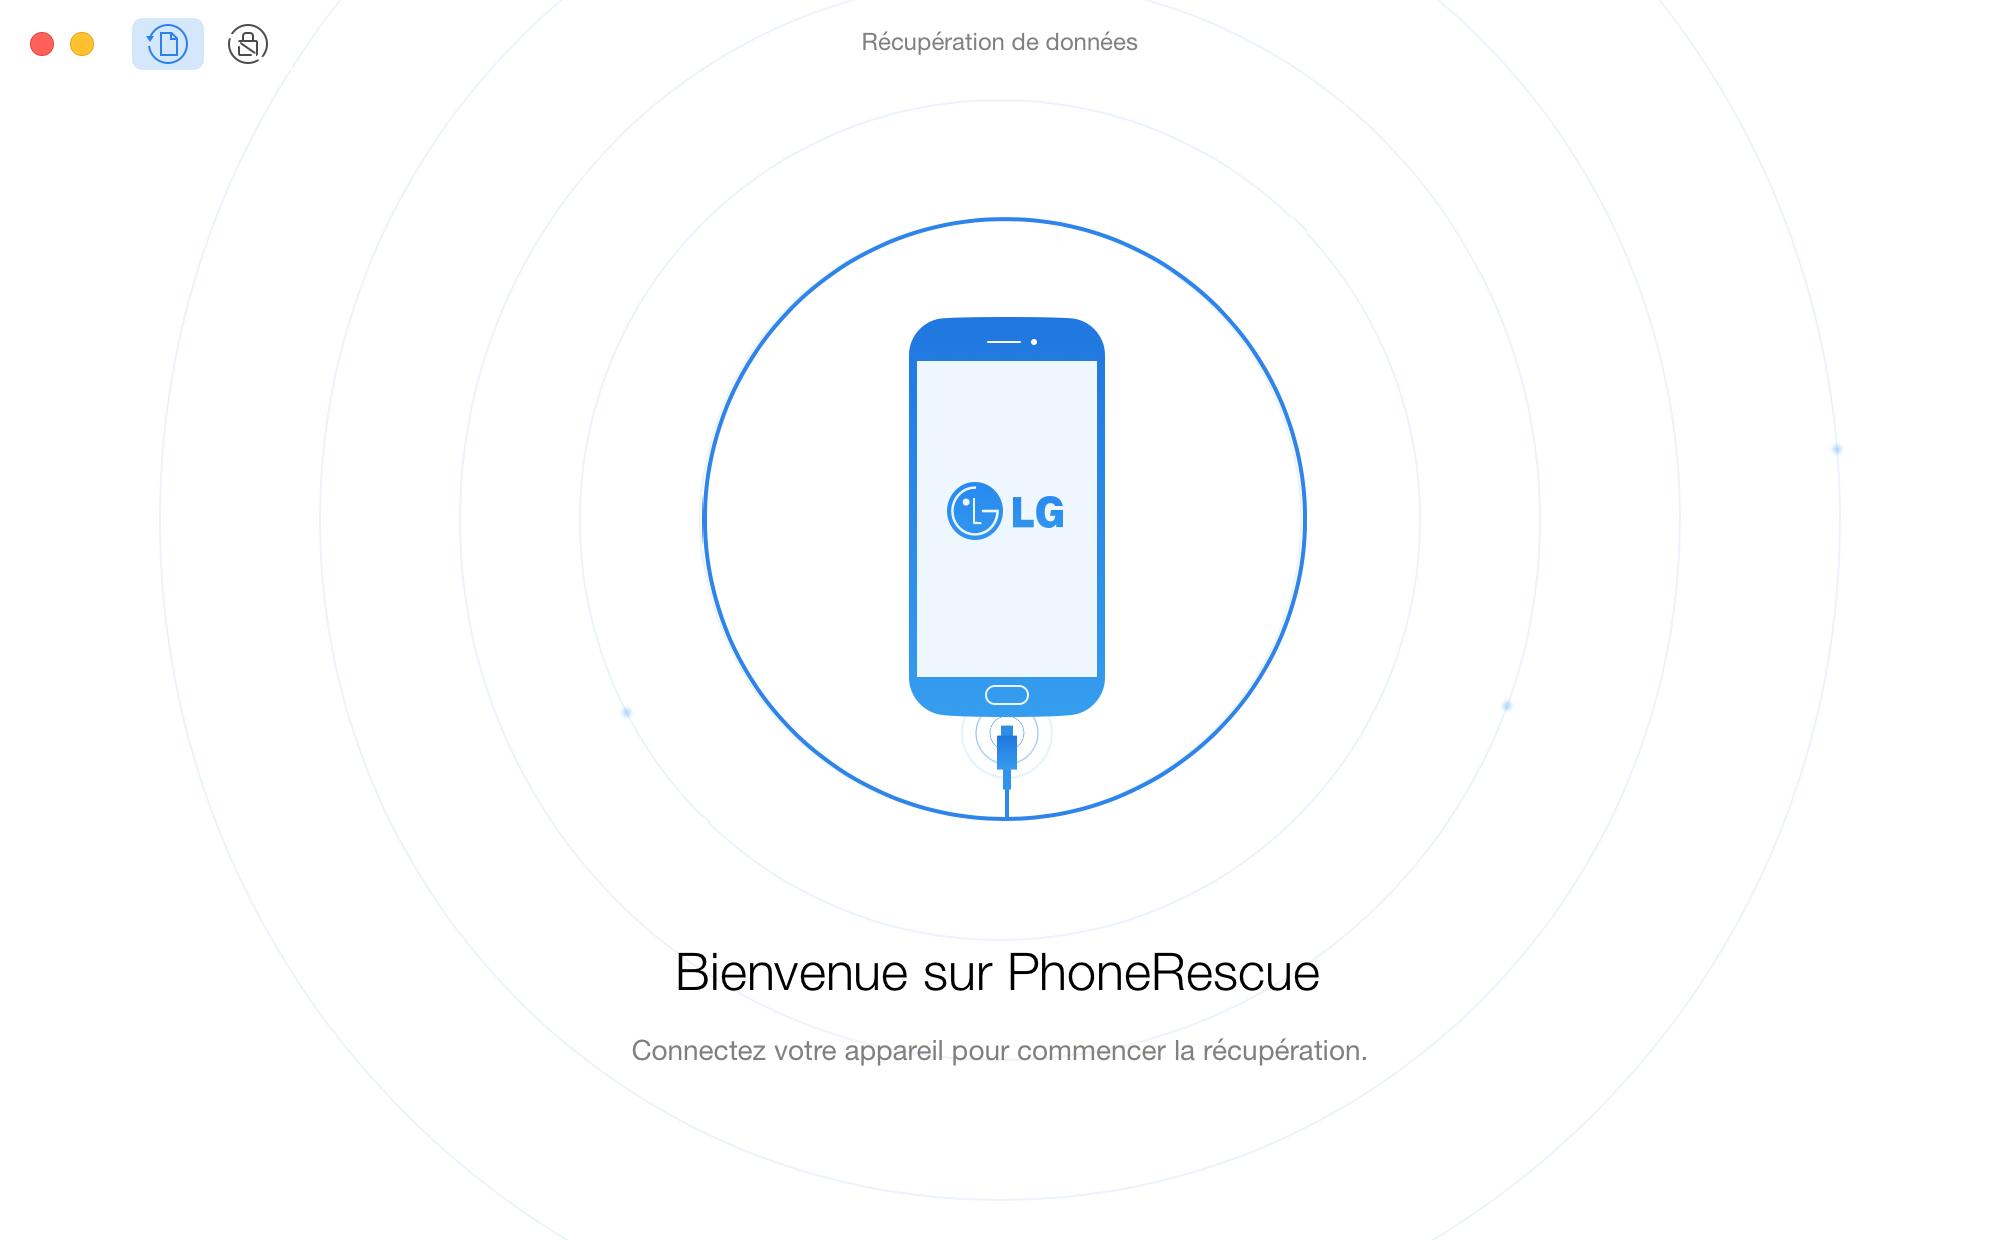 Interface d'accueil de PhoneRescue pour LG